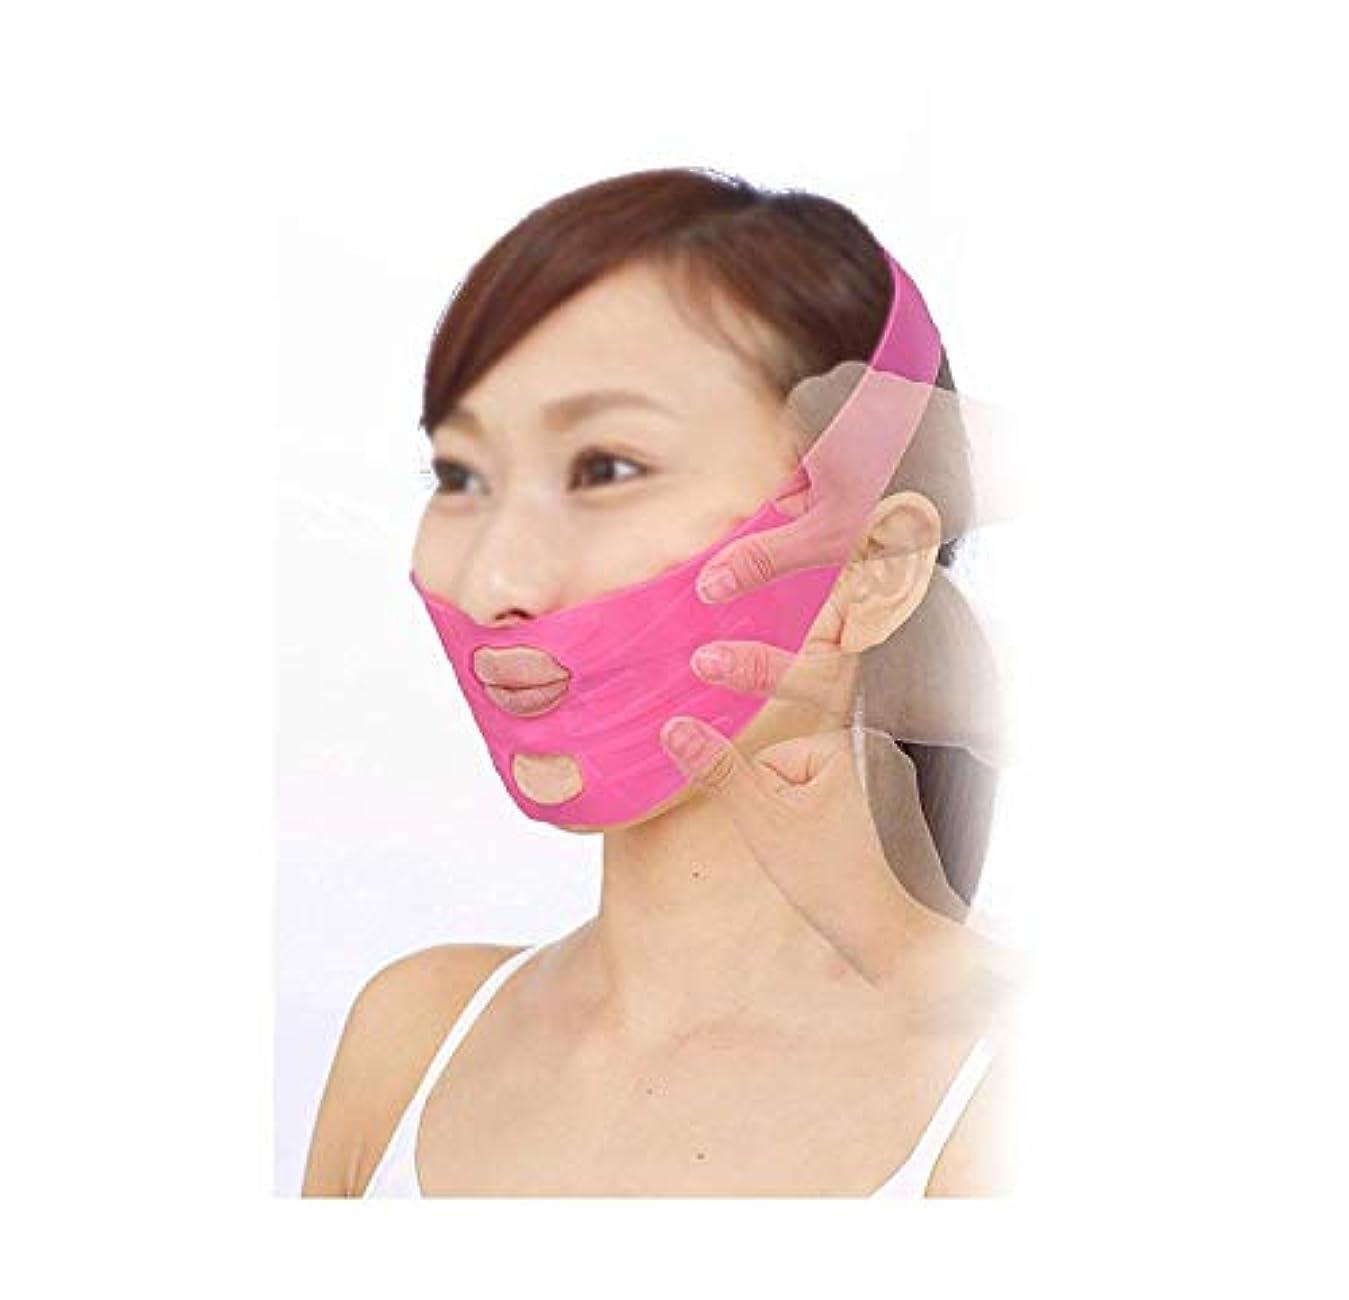 お肉シルクロープフェイシャルマスク、フェイスリフティングアーティファクトフェイスマスク垂れ顔SサイズVフェイス包帯通気性スリーピングフェイスダブルチンチンセットスリープ弾性スリミングベルト